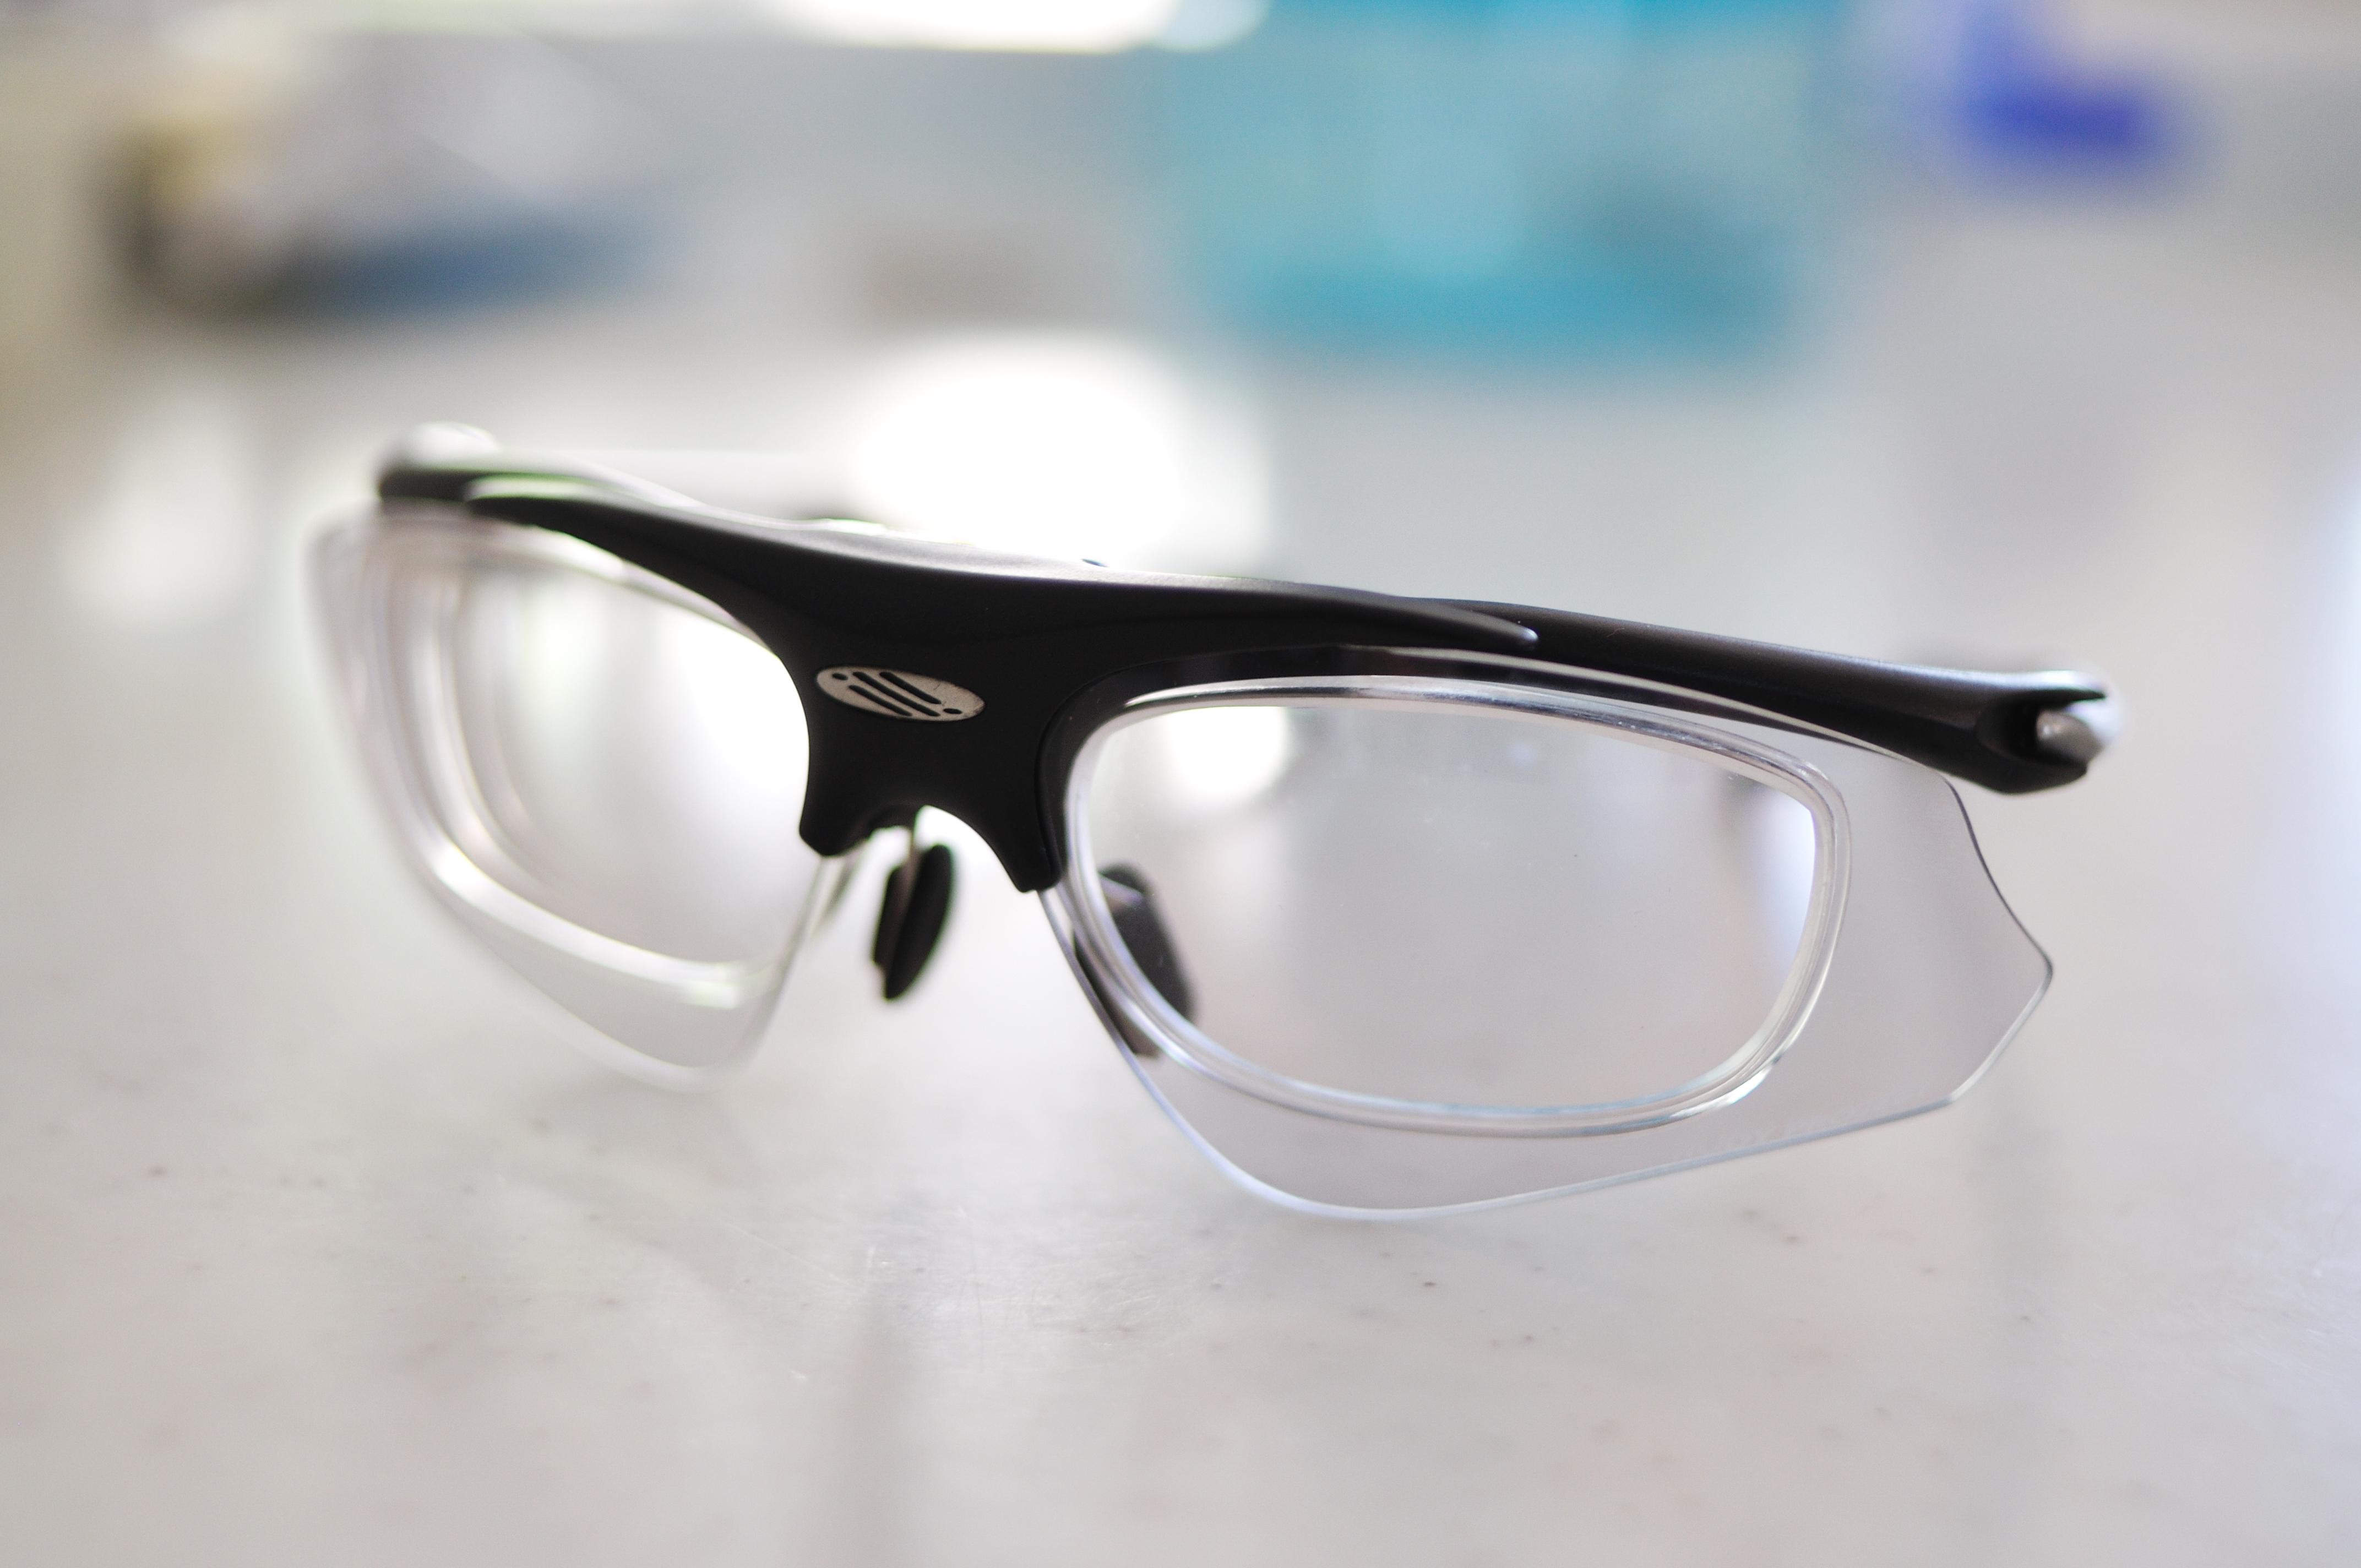 もう,普通に透明なメガネだ(笑) はよ,晴れてくれ~